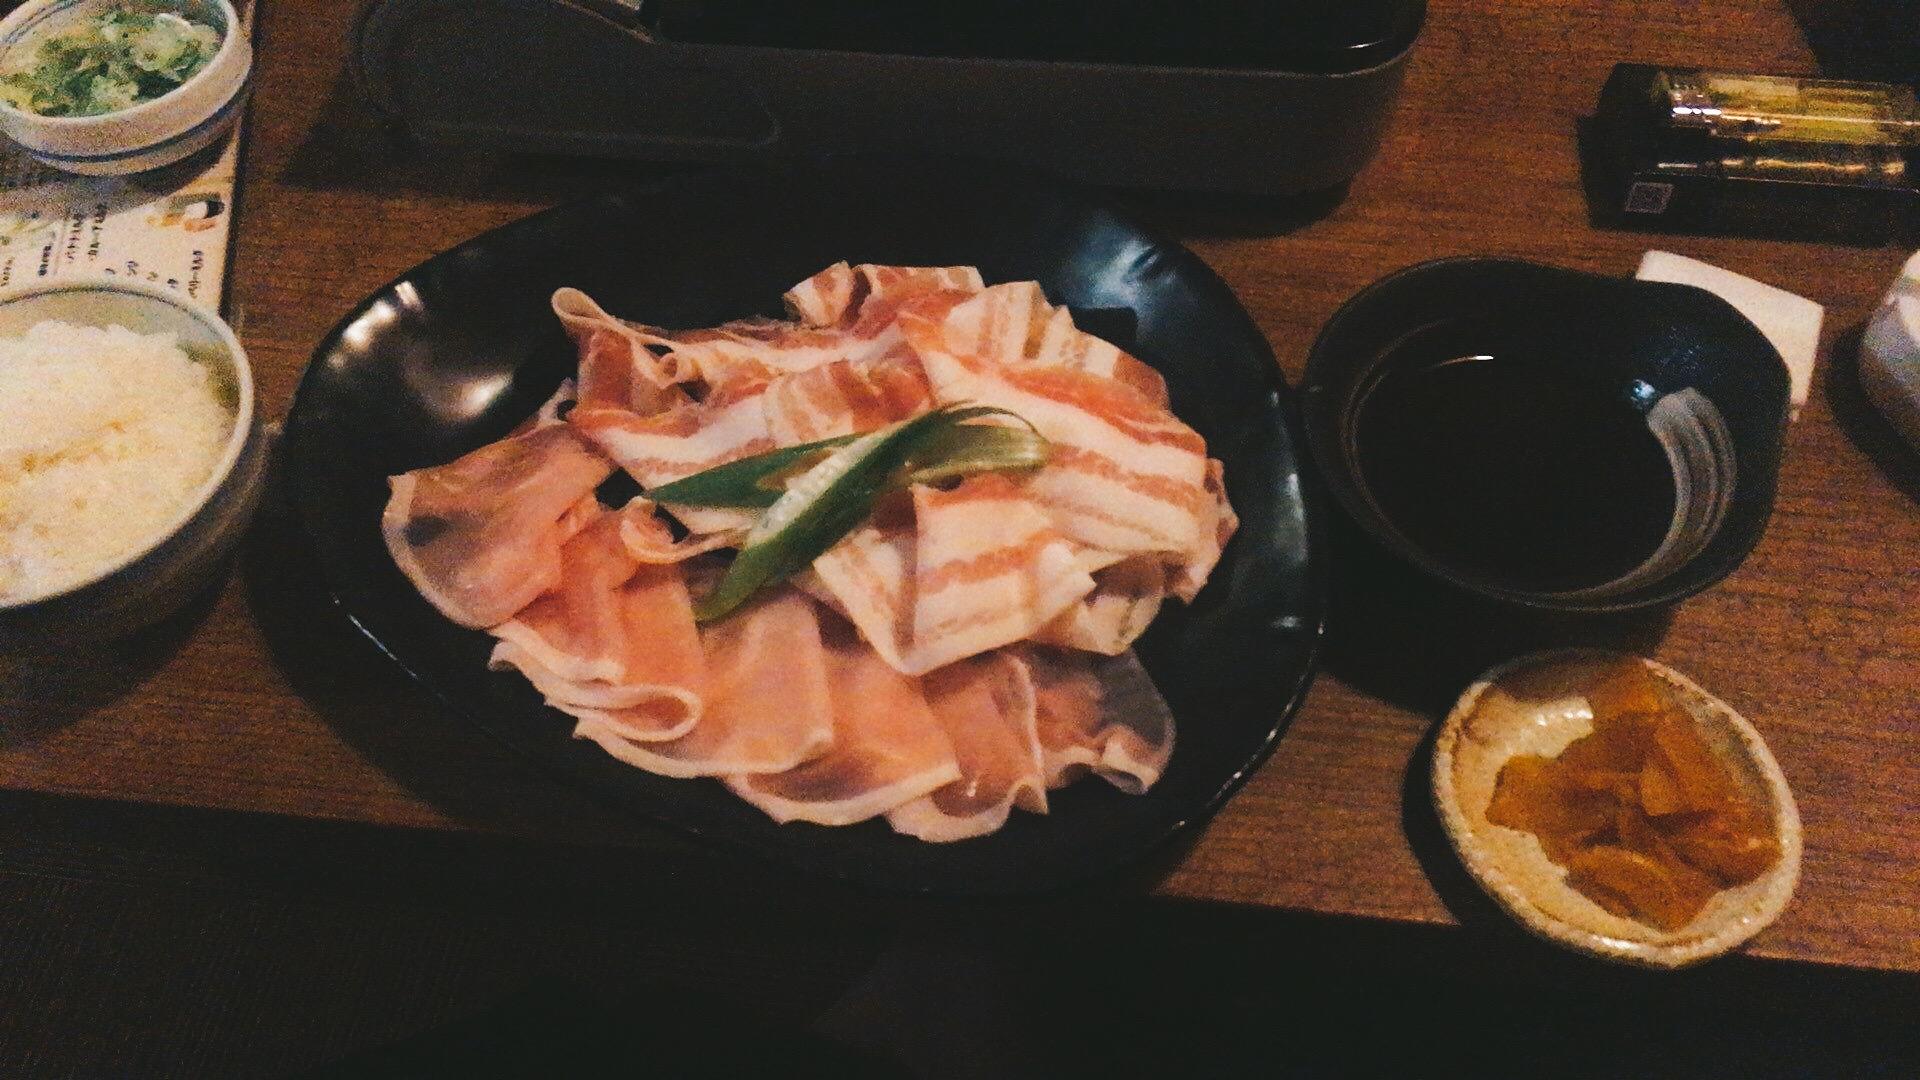 【薩摩六白亭】熊本市中央区帯山のしゃぶしゃぶ、すき焼き、カツの店!